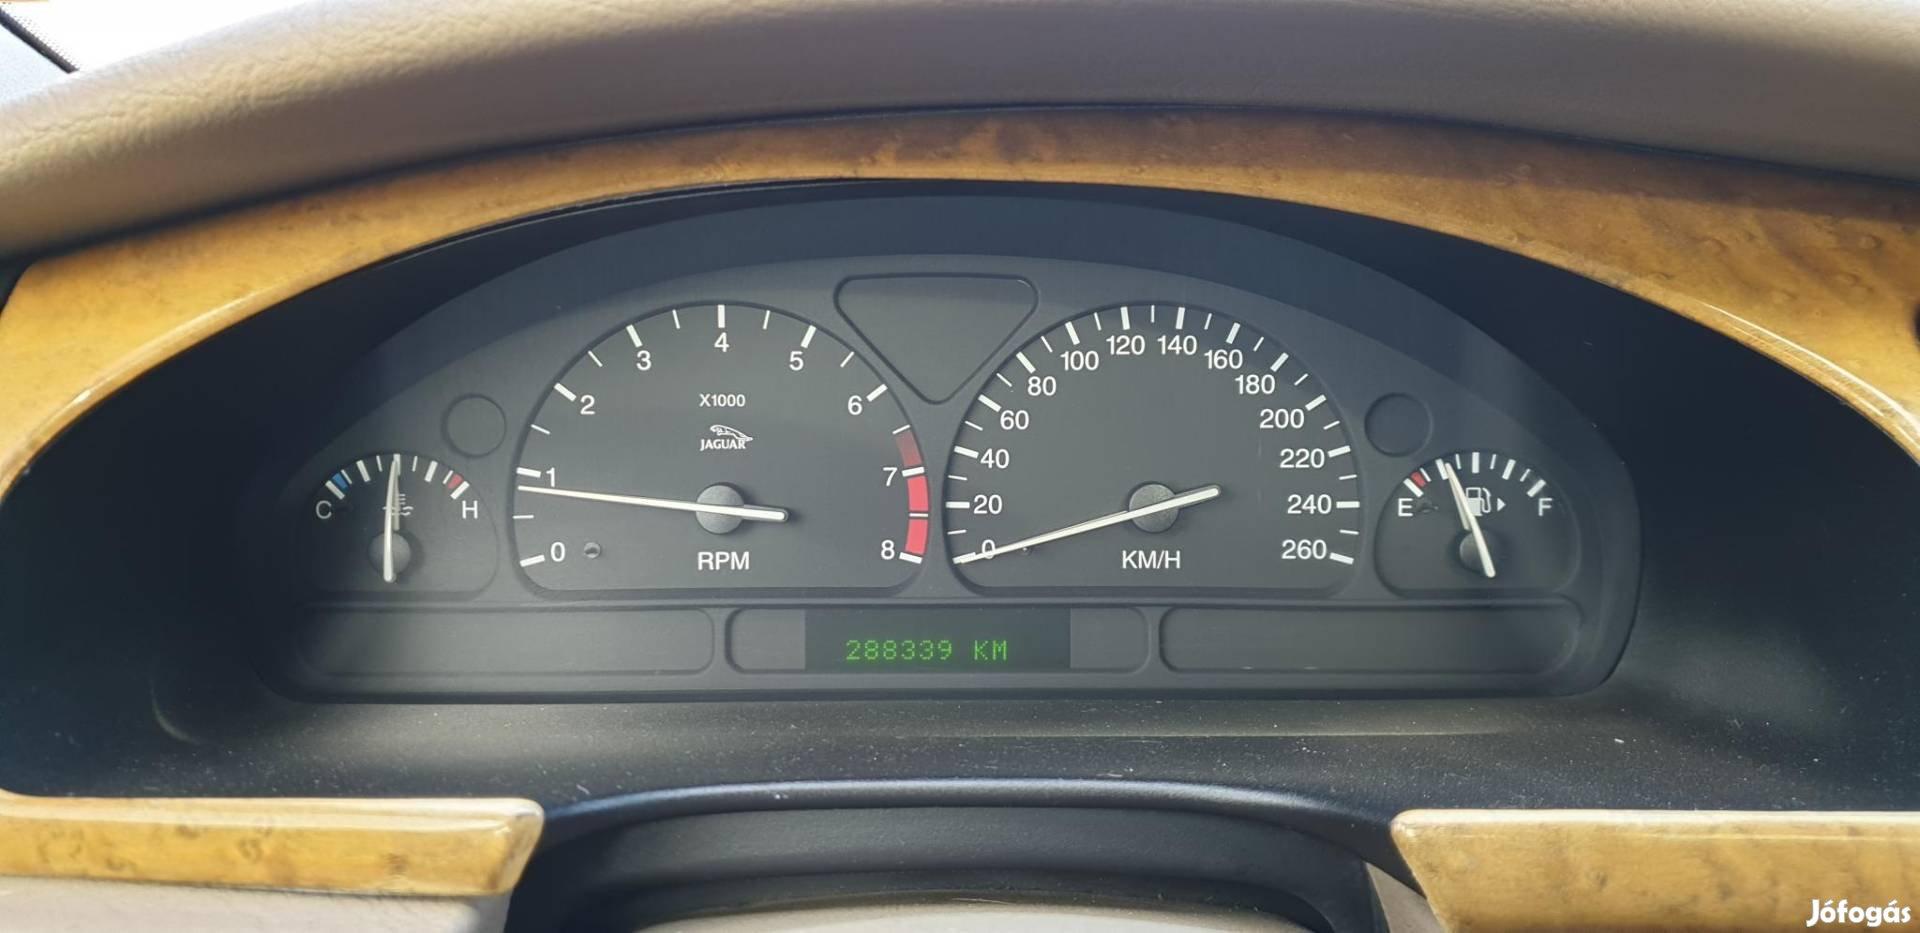 Jaguar S-Type 3.0 V6 foglalkozós. 2 autó 1 áráért!